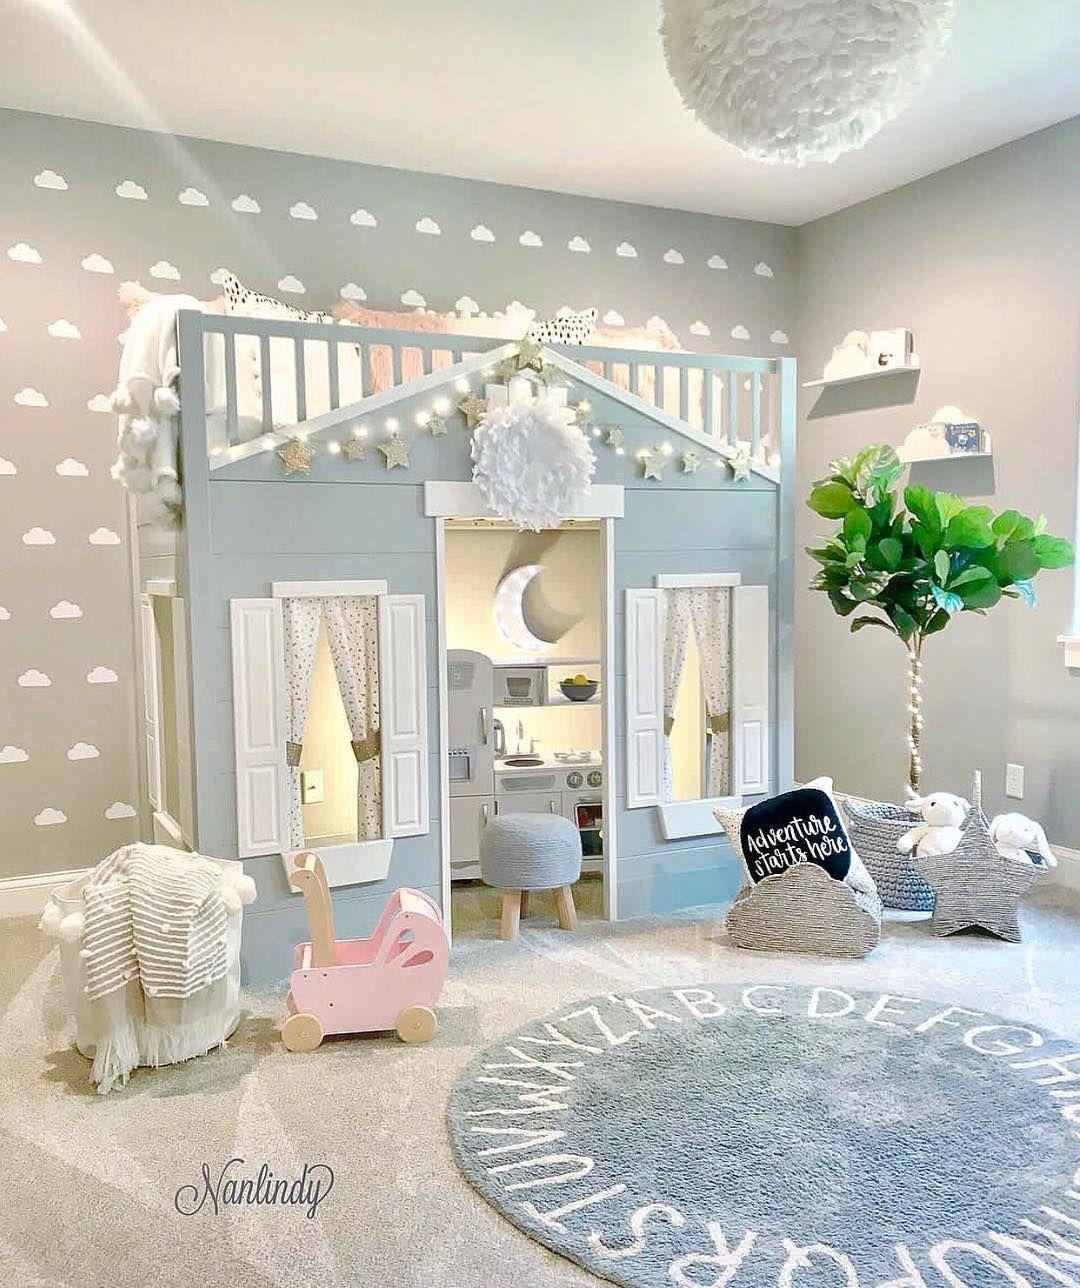 Kinderzimmer Inspiration Hochbett   Instagram   Kinderzimmer einrichten, Kinder zimmer ...